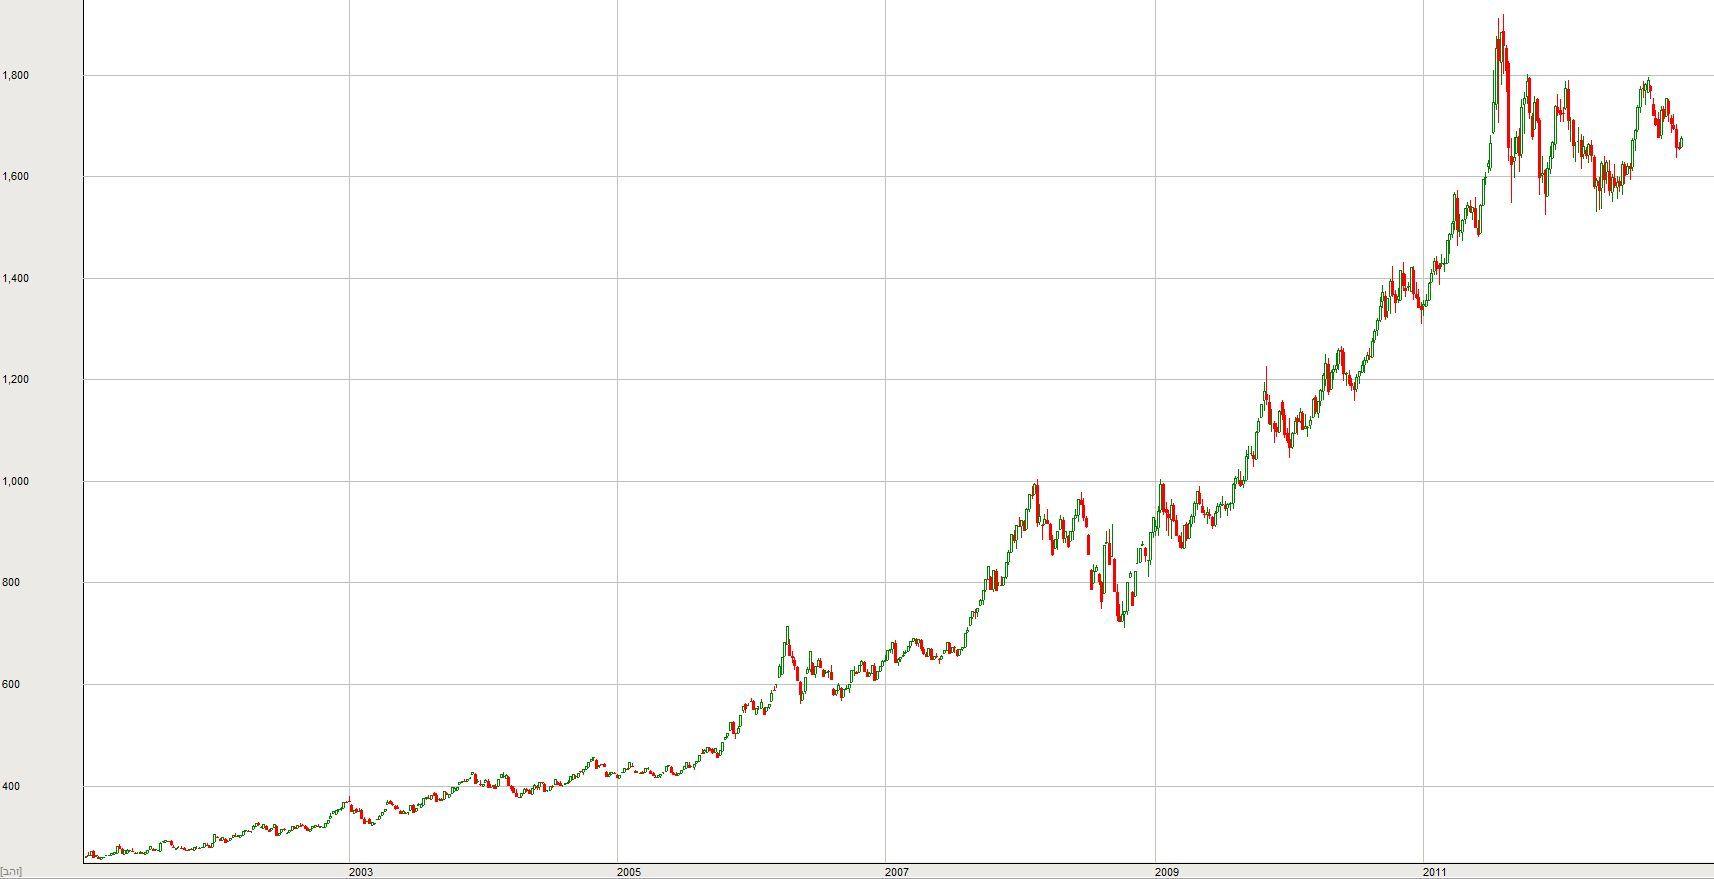 מחיר הזהב על פני 10 שנים